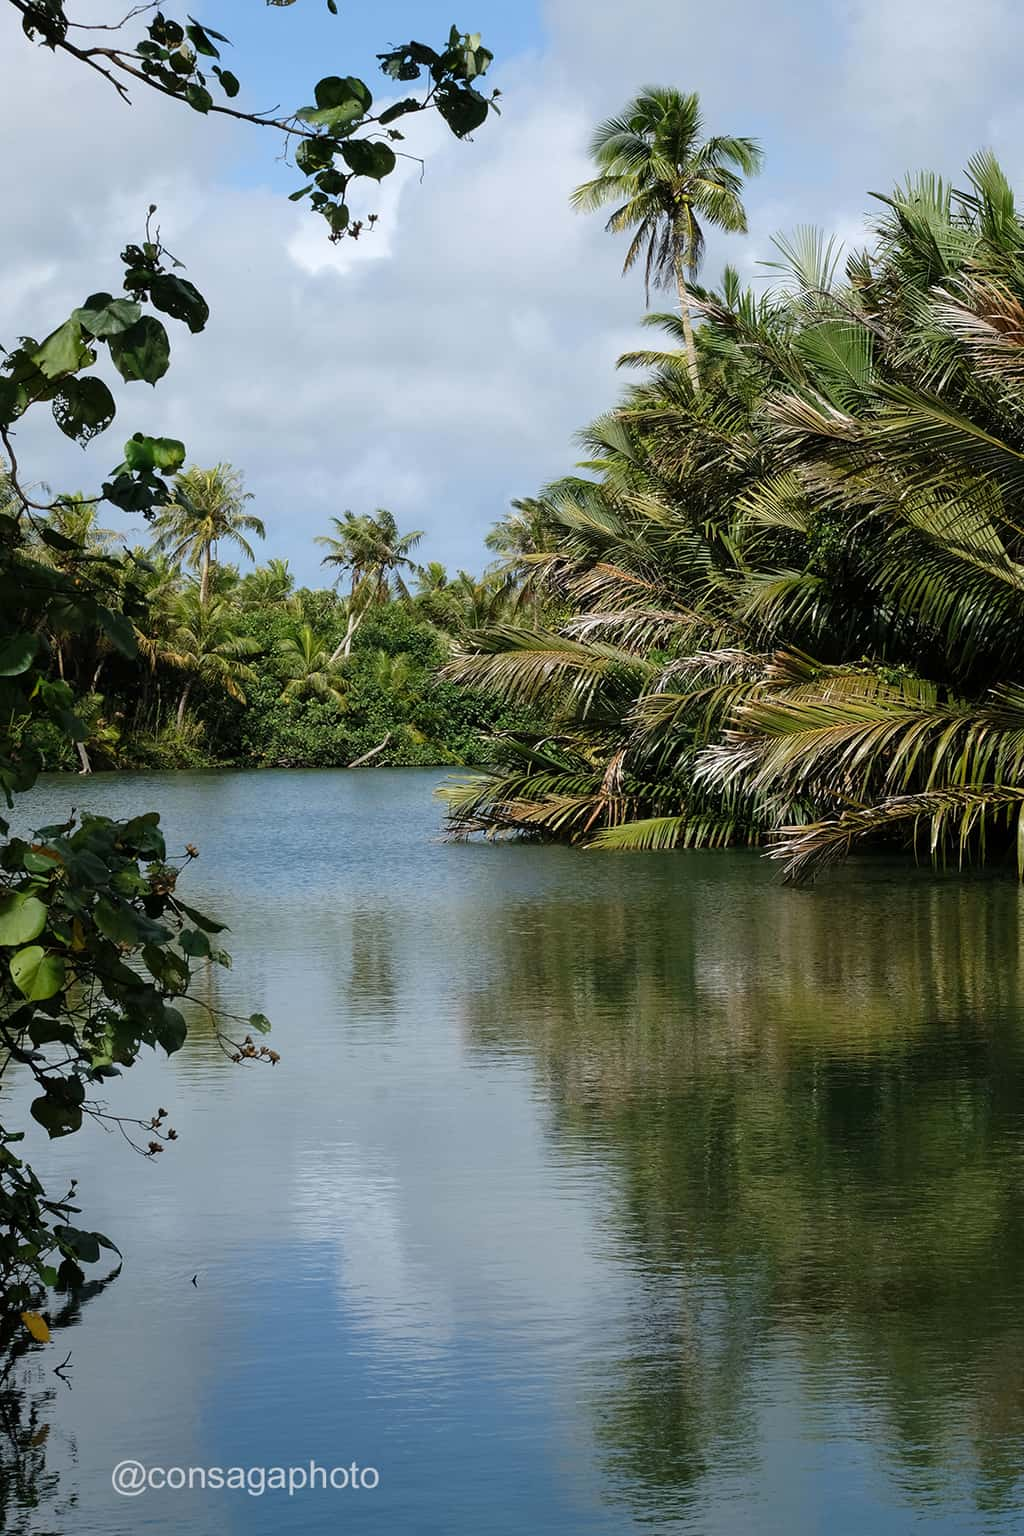 Guam's OutDoor Adventure River Cruise